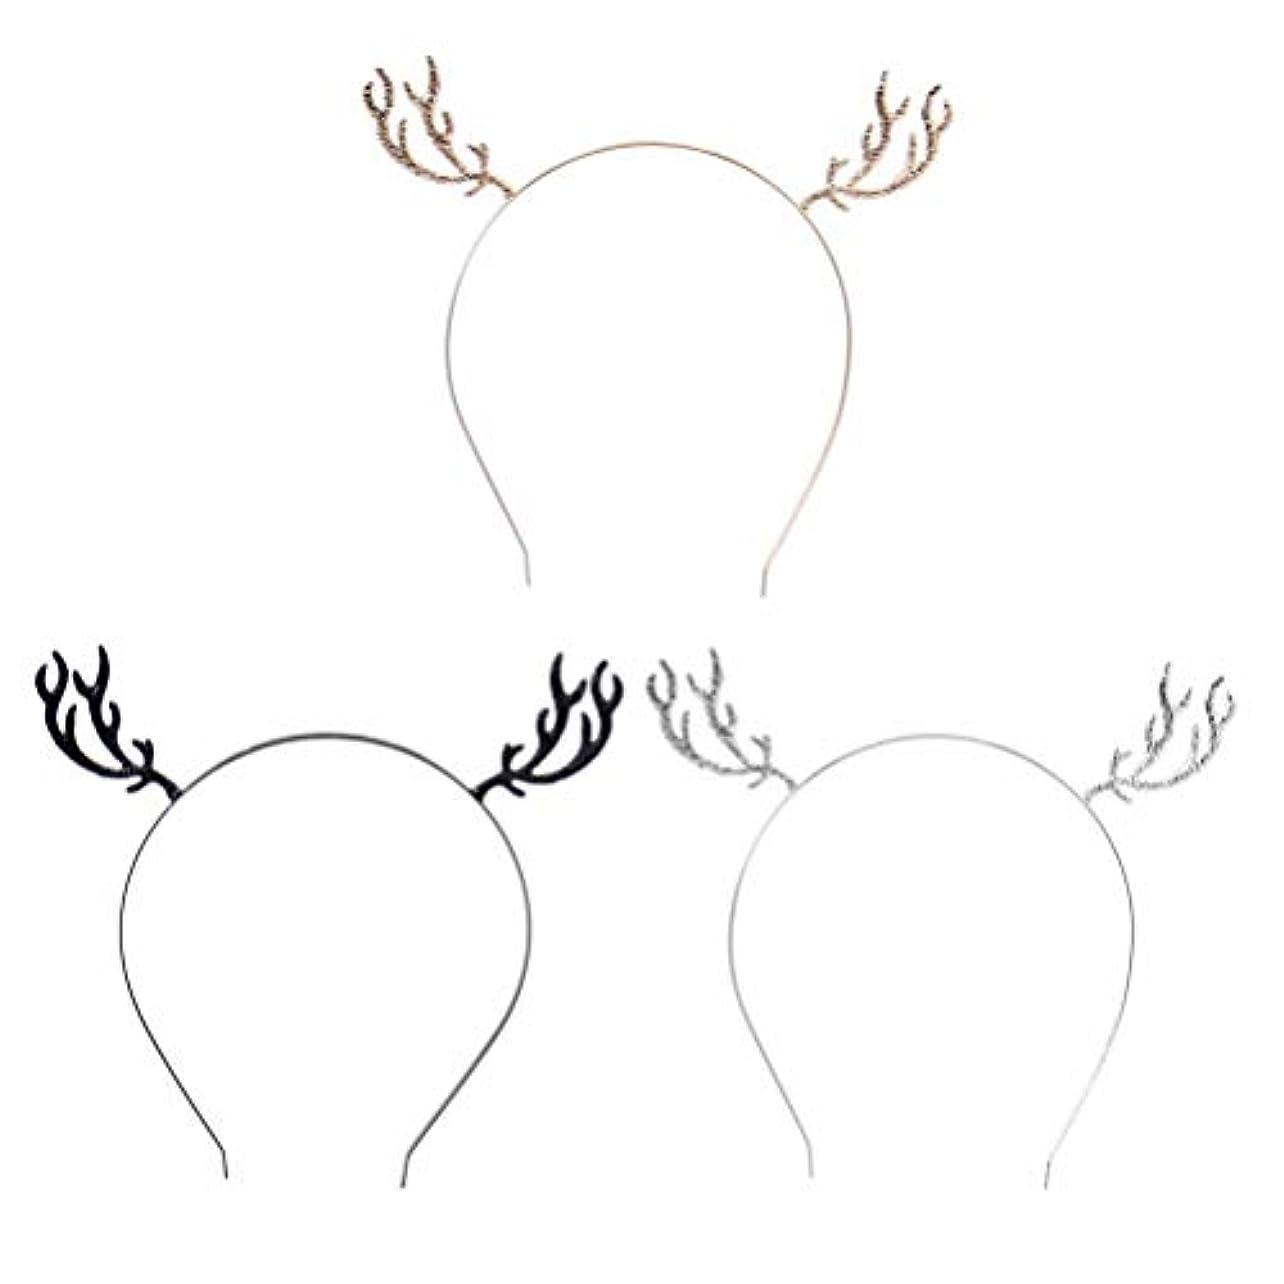 店員株式詩人Frcolor クリスマス カチューシャ 鹿の角 ヘッドバンド 髪飾り 学園祭 仮装 コスチューム 大人 子供用 パーティー 仮装 小道具 3個セット